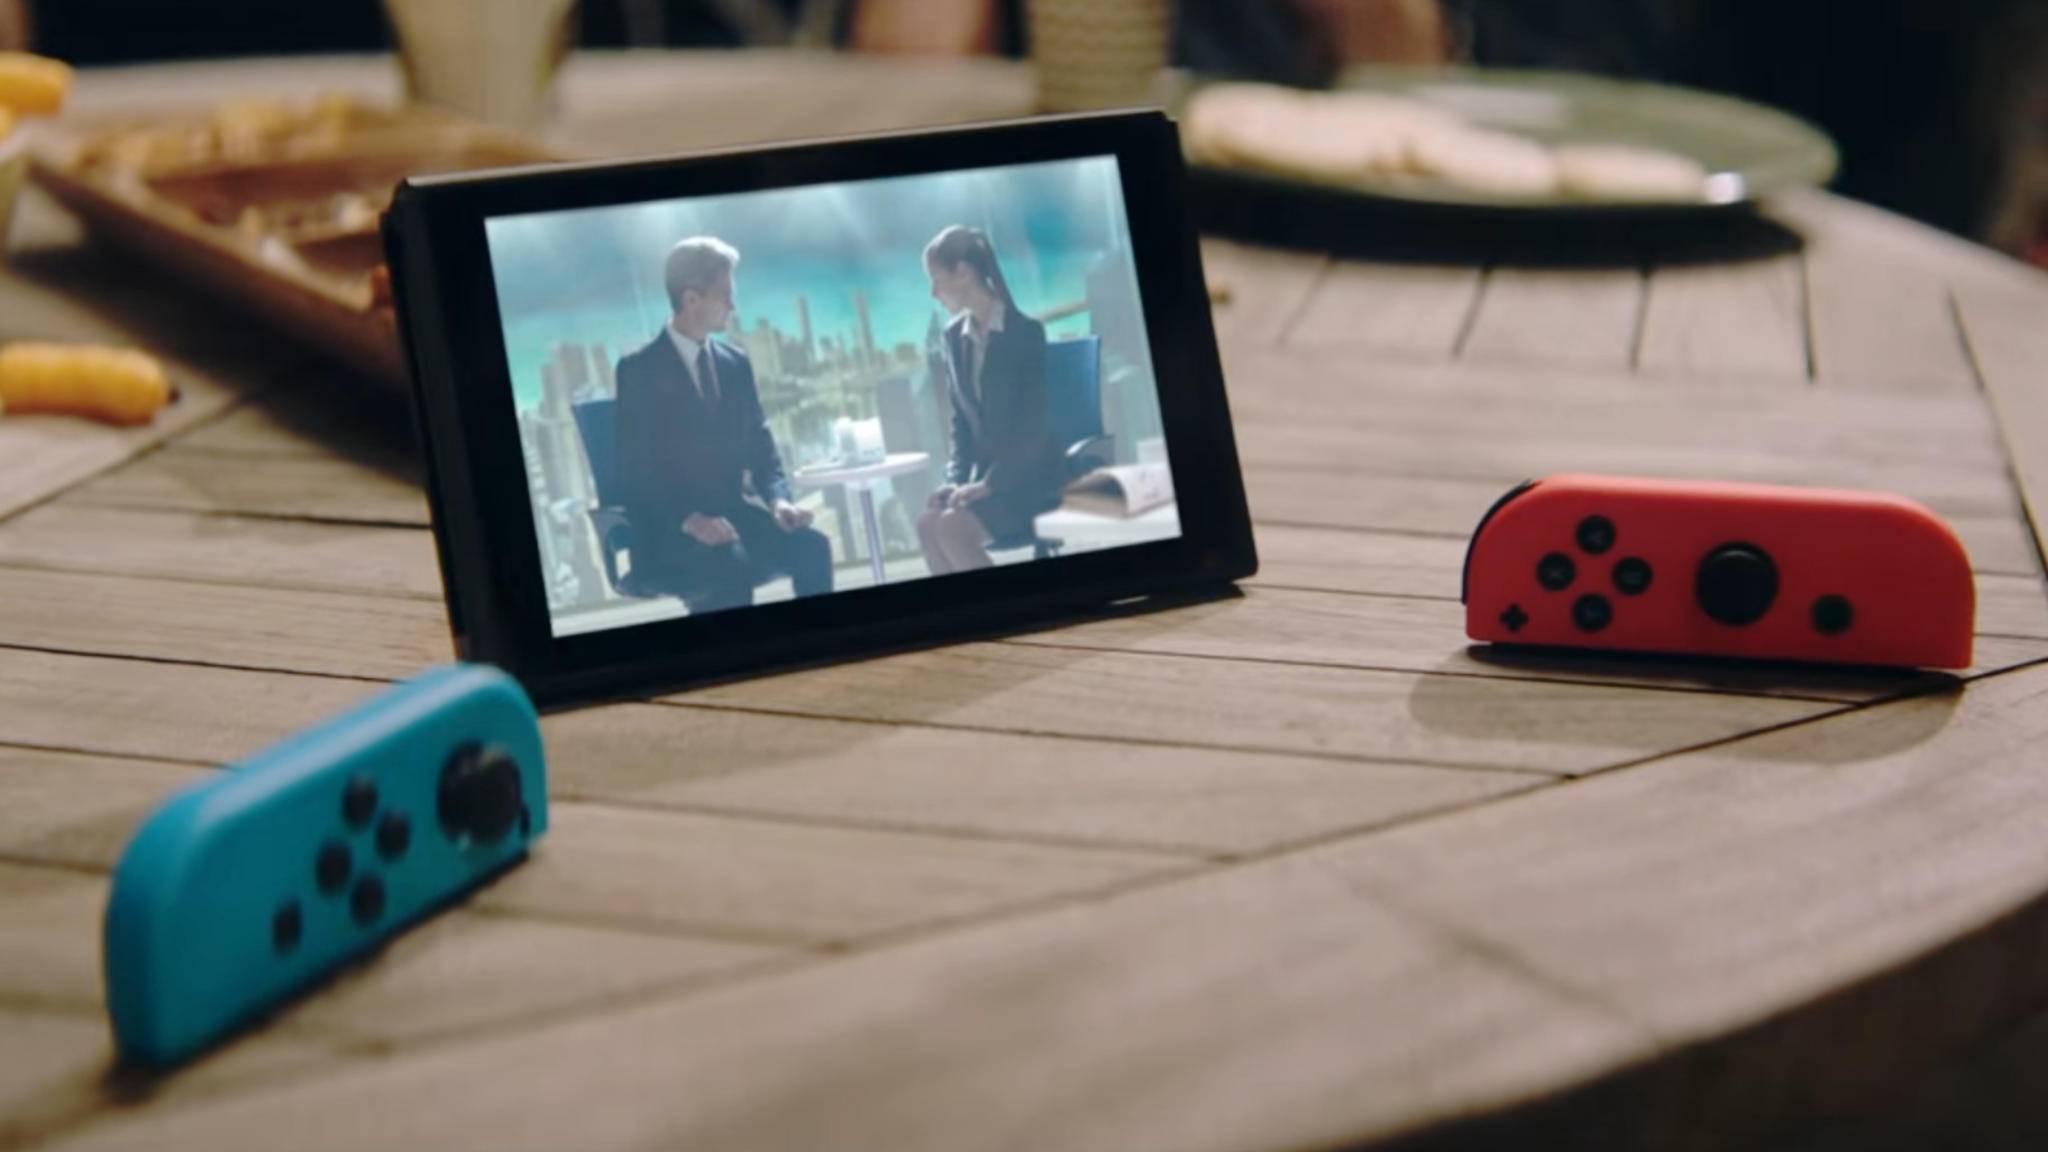 Unterwegs mit der Nintendo Switch Filme und Serien zu streamen ist bislang ein Wunschtraum – aber wie lange noch?